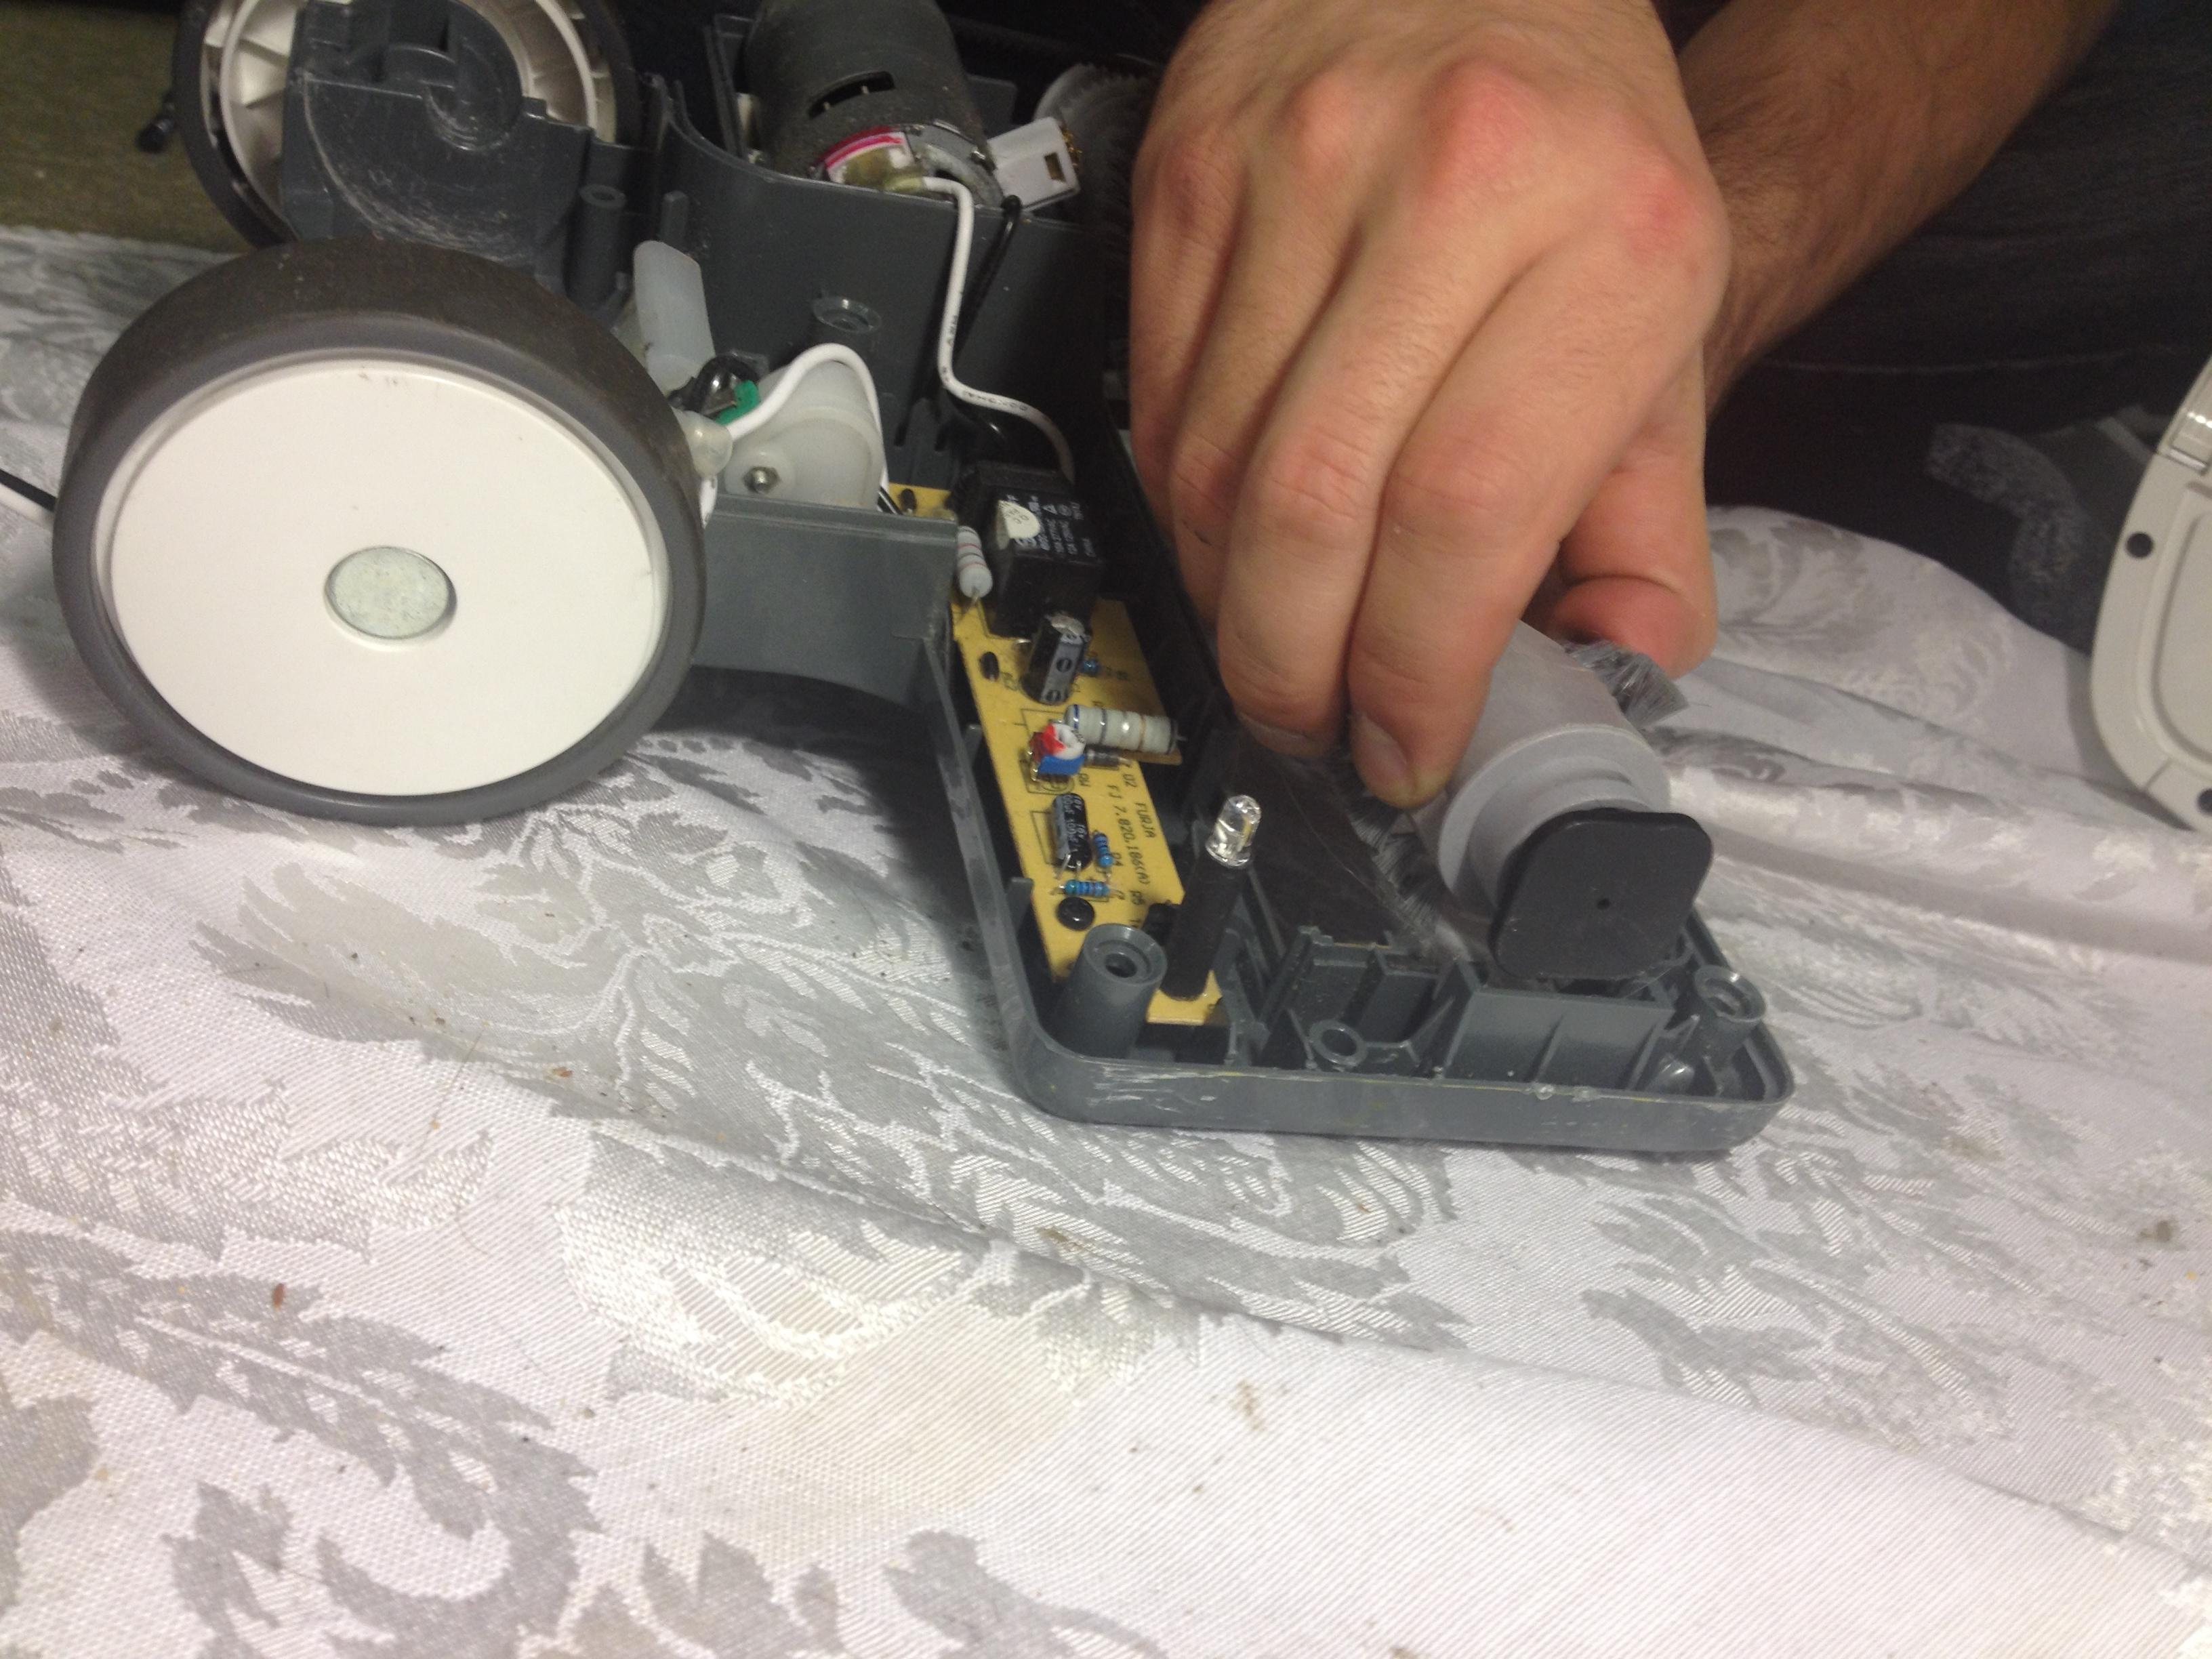 Shark Navigator Roller Brush Replacement Ifixit Repair Guide